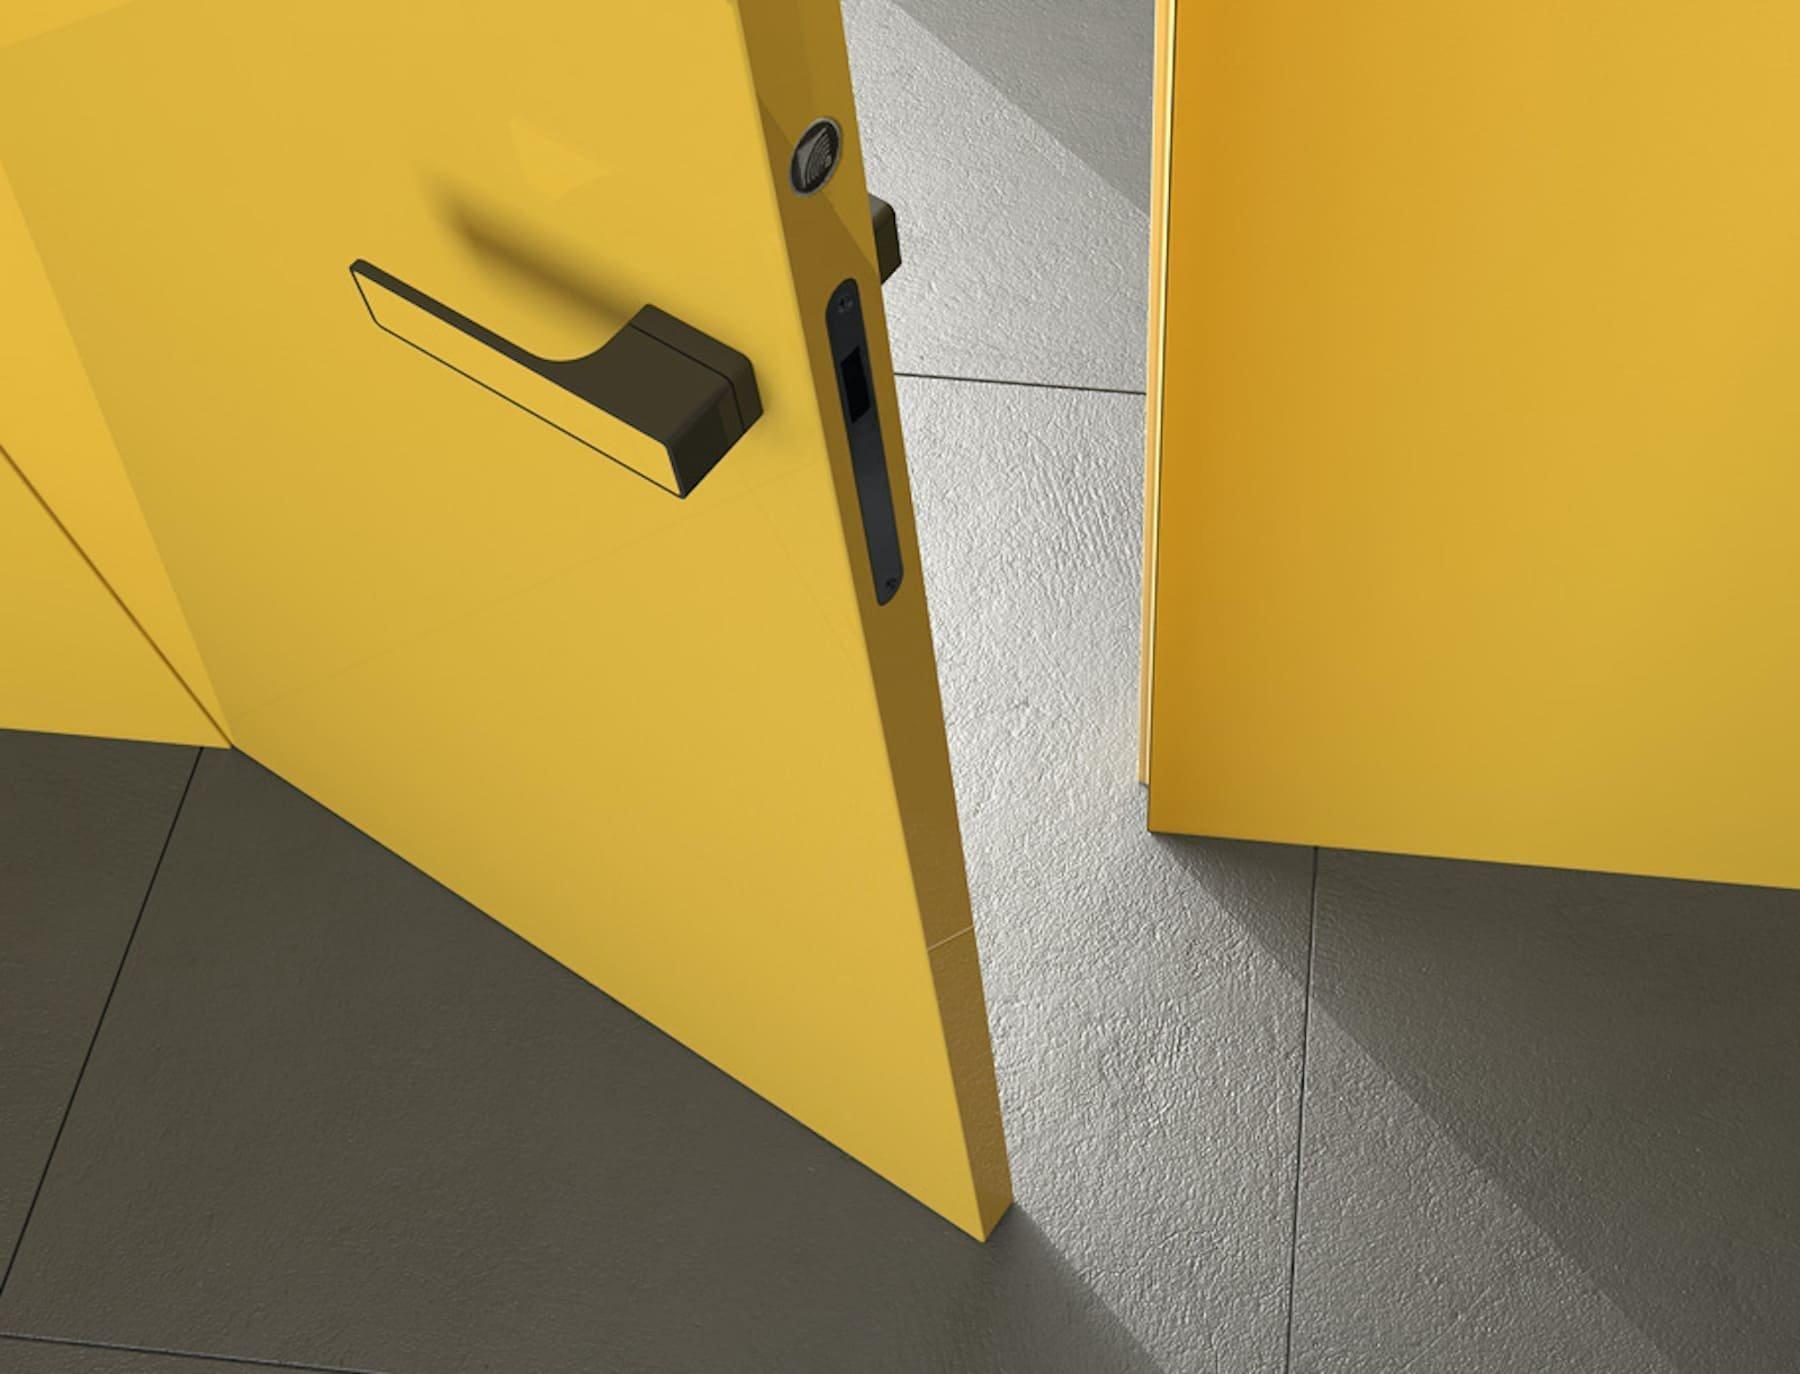 Prakticky neviditelné dveře se staly hitem interiérů, které kladou důraz na vzdušnost a jednotný styl. Dveře, kterými vcházíme do pokojů, splývají se stěnou a napomáhají tak k optickému zvětšení prostoru. Některé ze dveří se skrytými zárubněmi sahají od podlahy až ke stropu. Plynule navazují na své okolí, a přesto jsou originálním prvkem v každém odvážnějším interiéru.